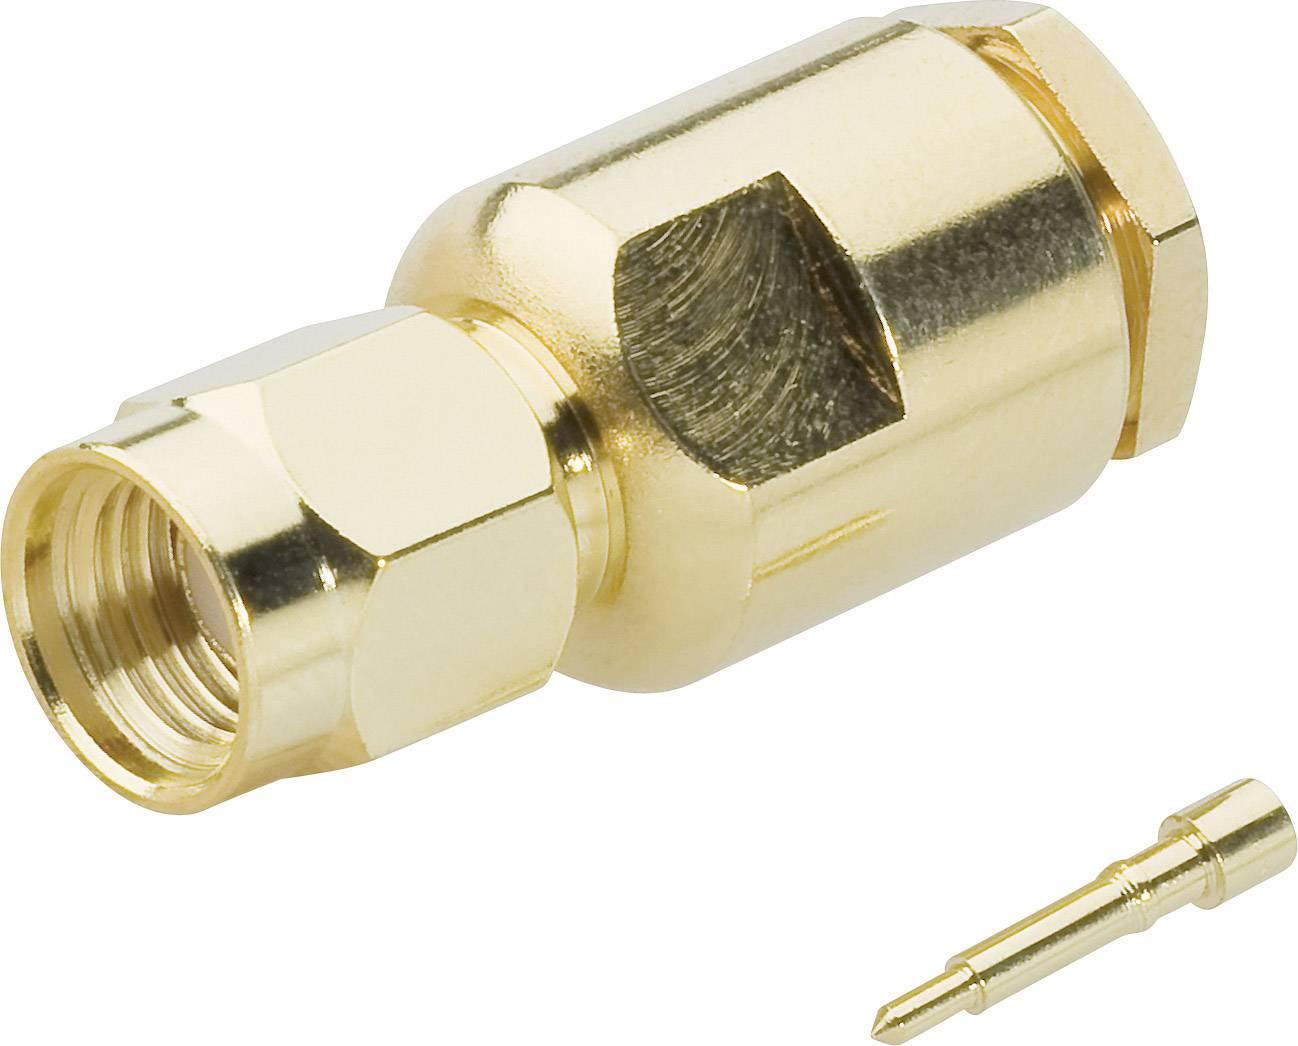 SMA konektor BKL 409097, 50 Ω, zástrčka